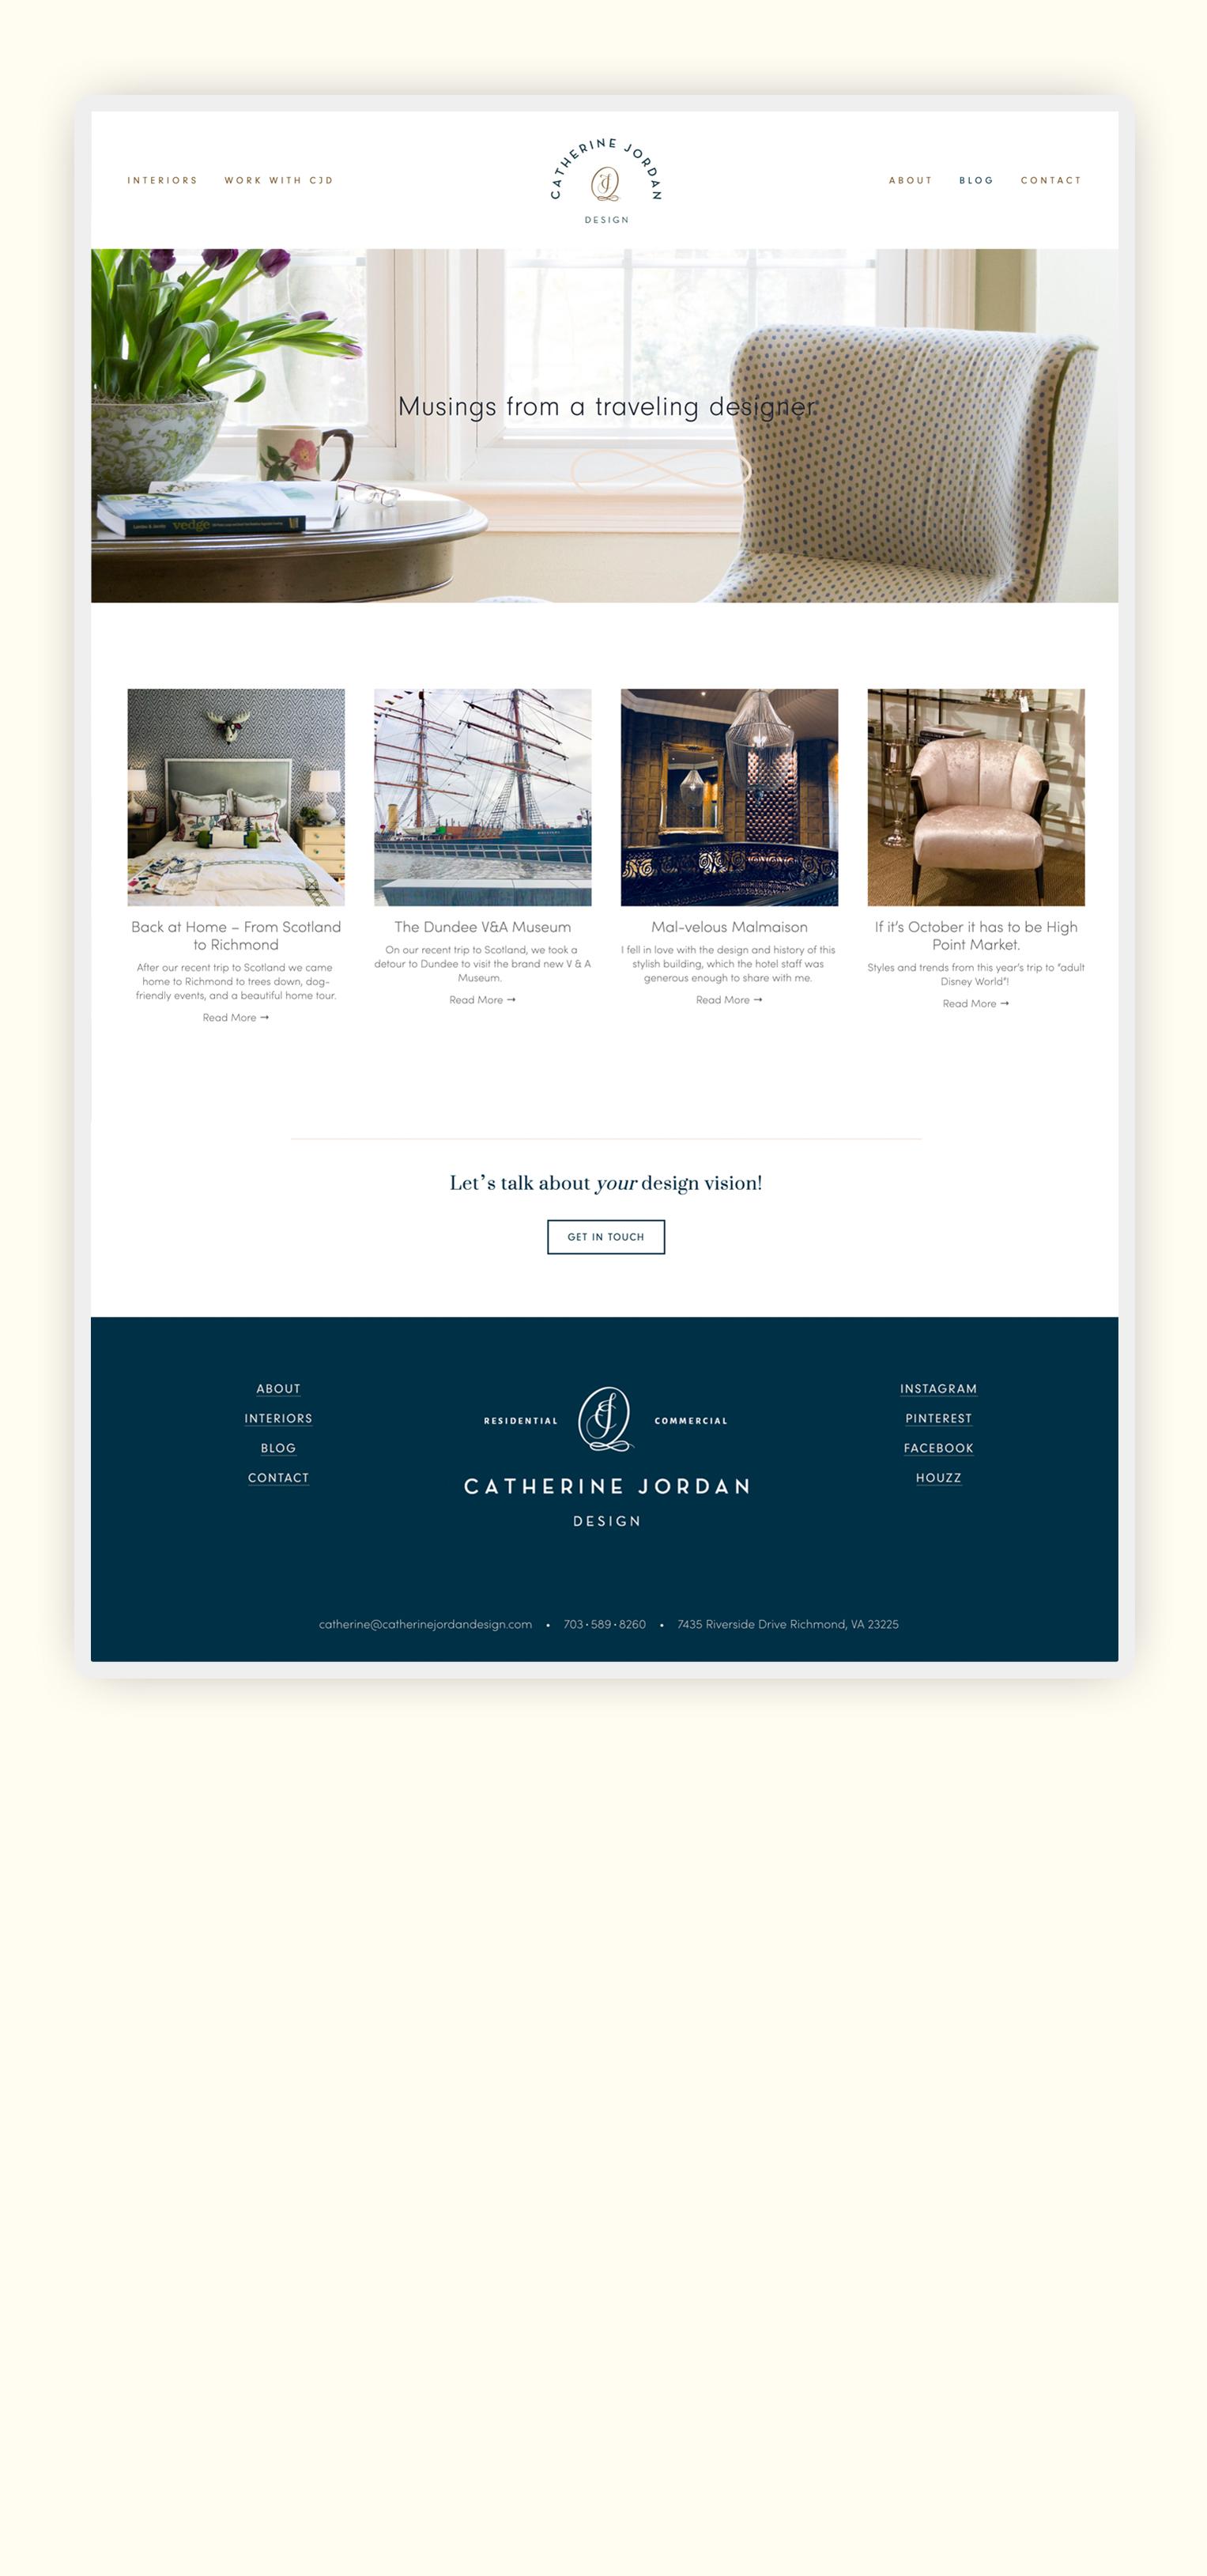 CJD_website-mockup-blog.jpg